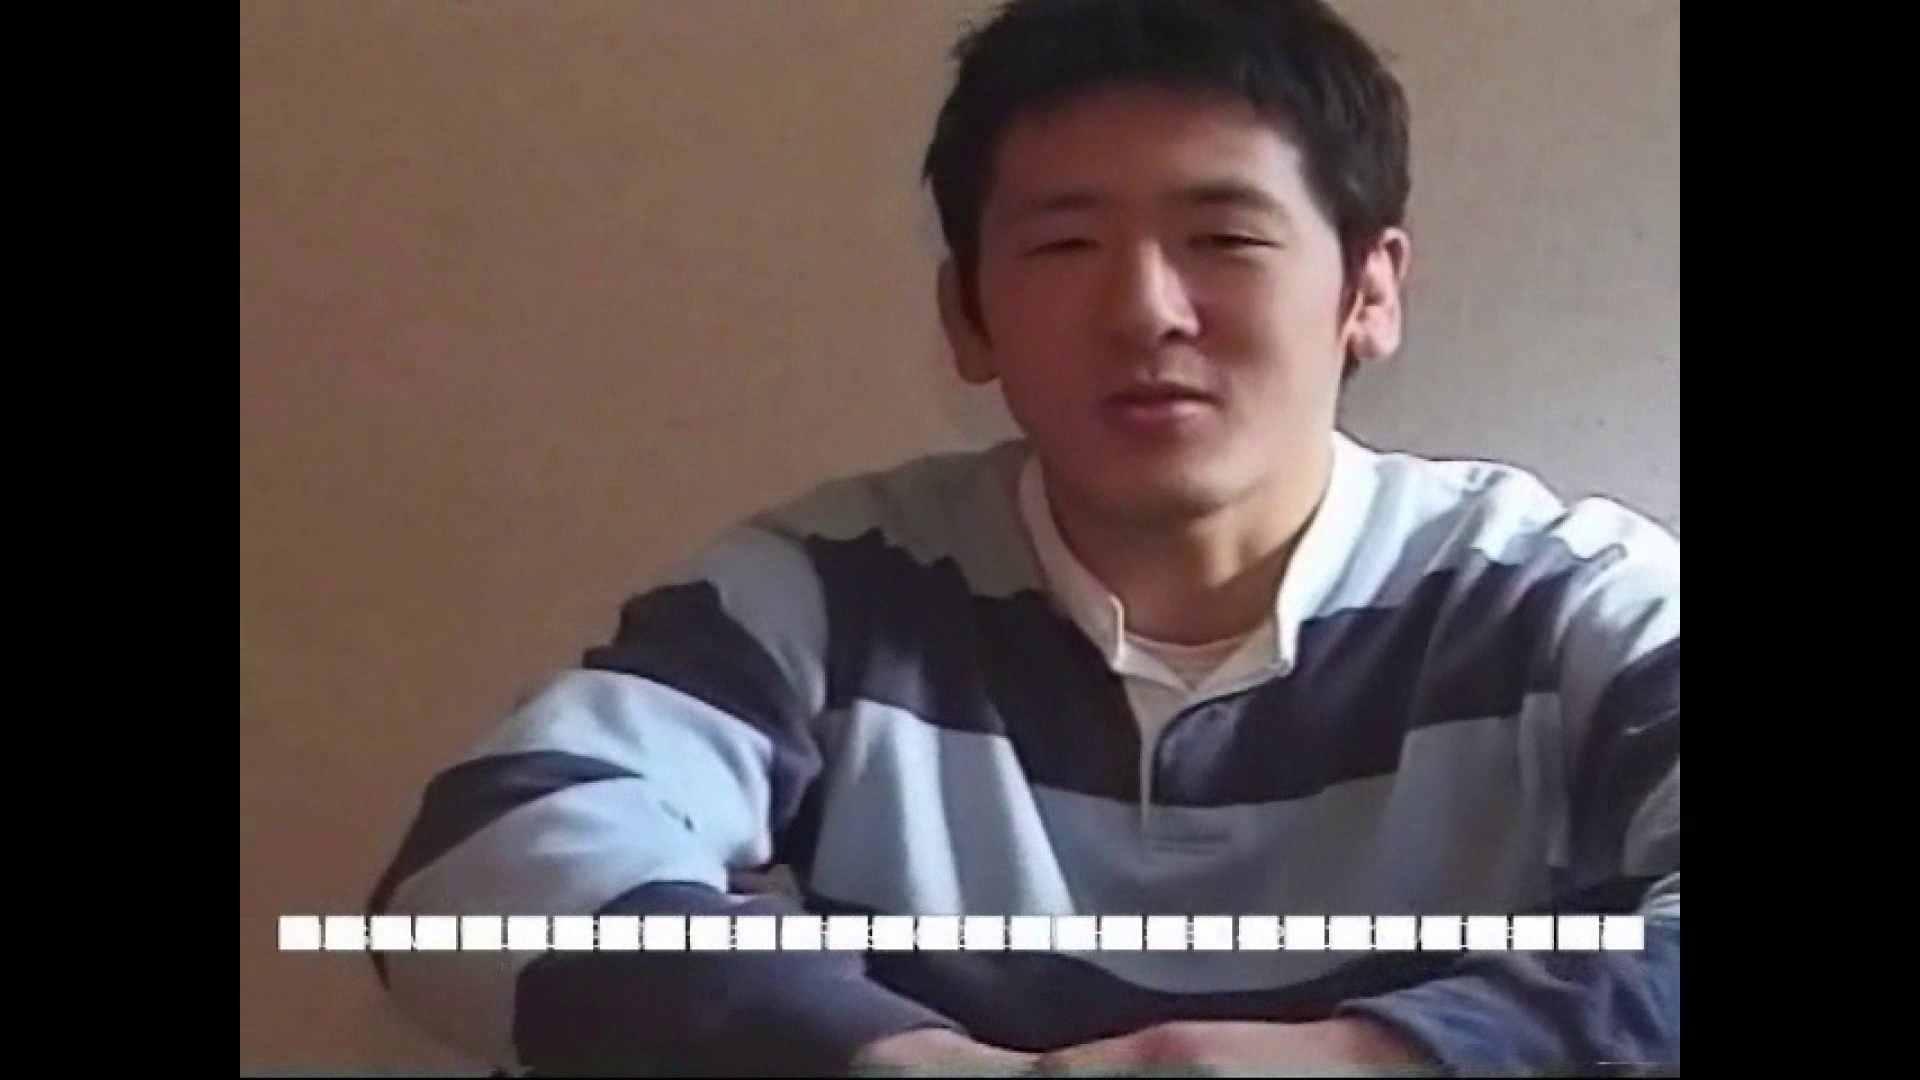 オナれ!集まれ!イケてるメンズ達!!File.15 ガチムチマッチョ系   人気シリーズ  65pic 18